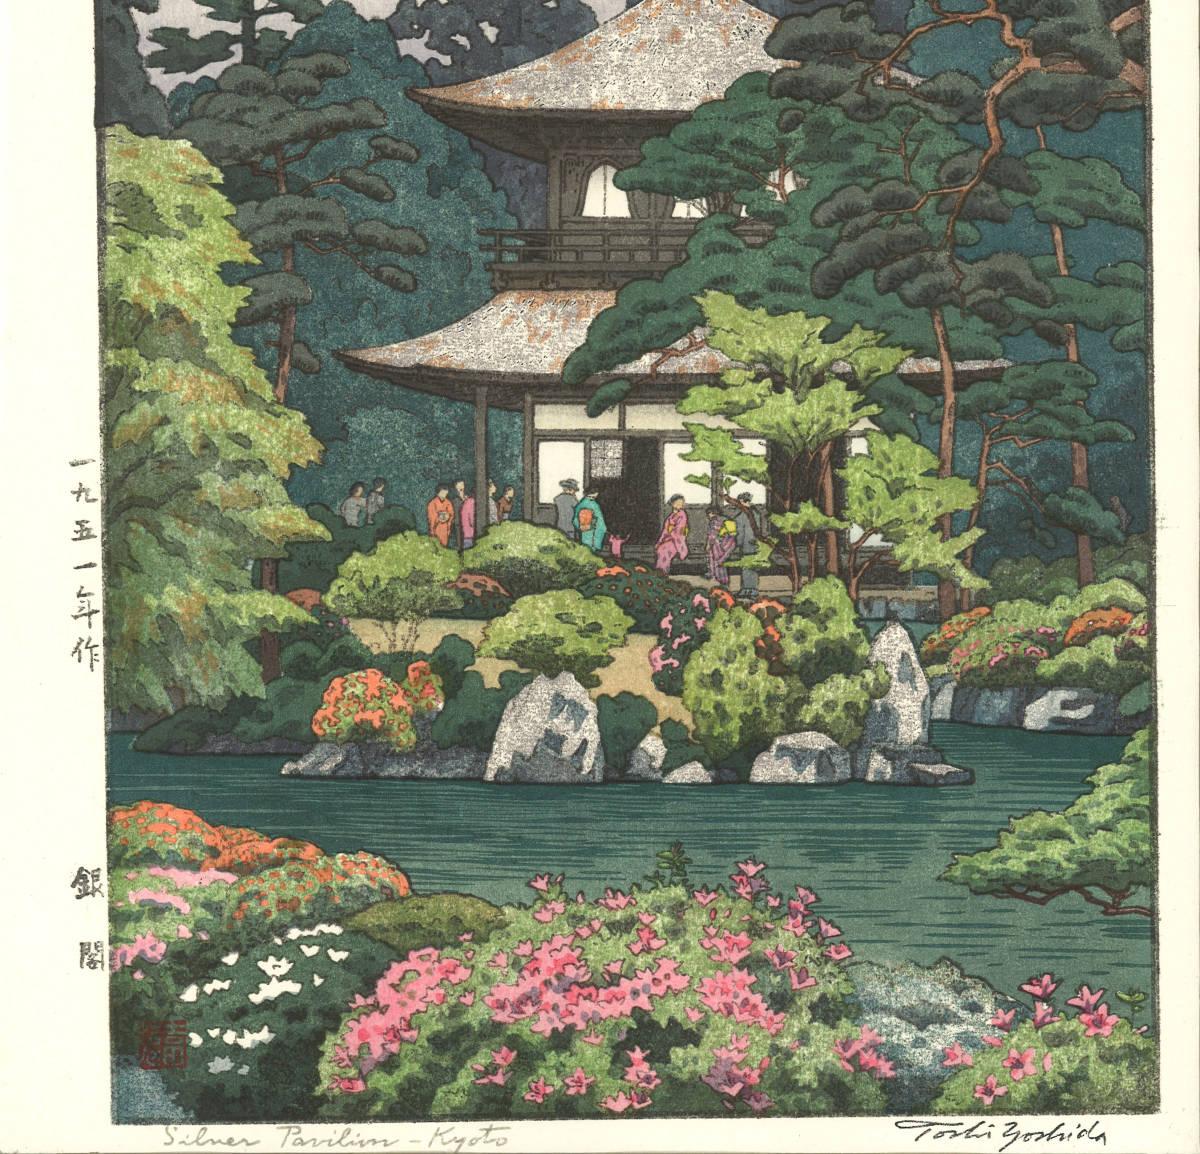 吉田遠志 木版画 015112 銀閣 Silver pavilion kyoto 初摺1951年   最高峰の摺師の技をご堪能下さい!!_画像5